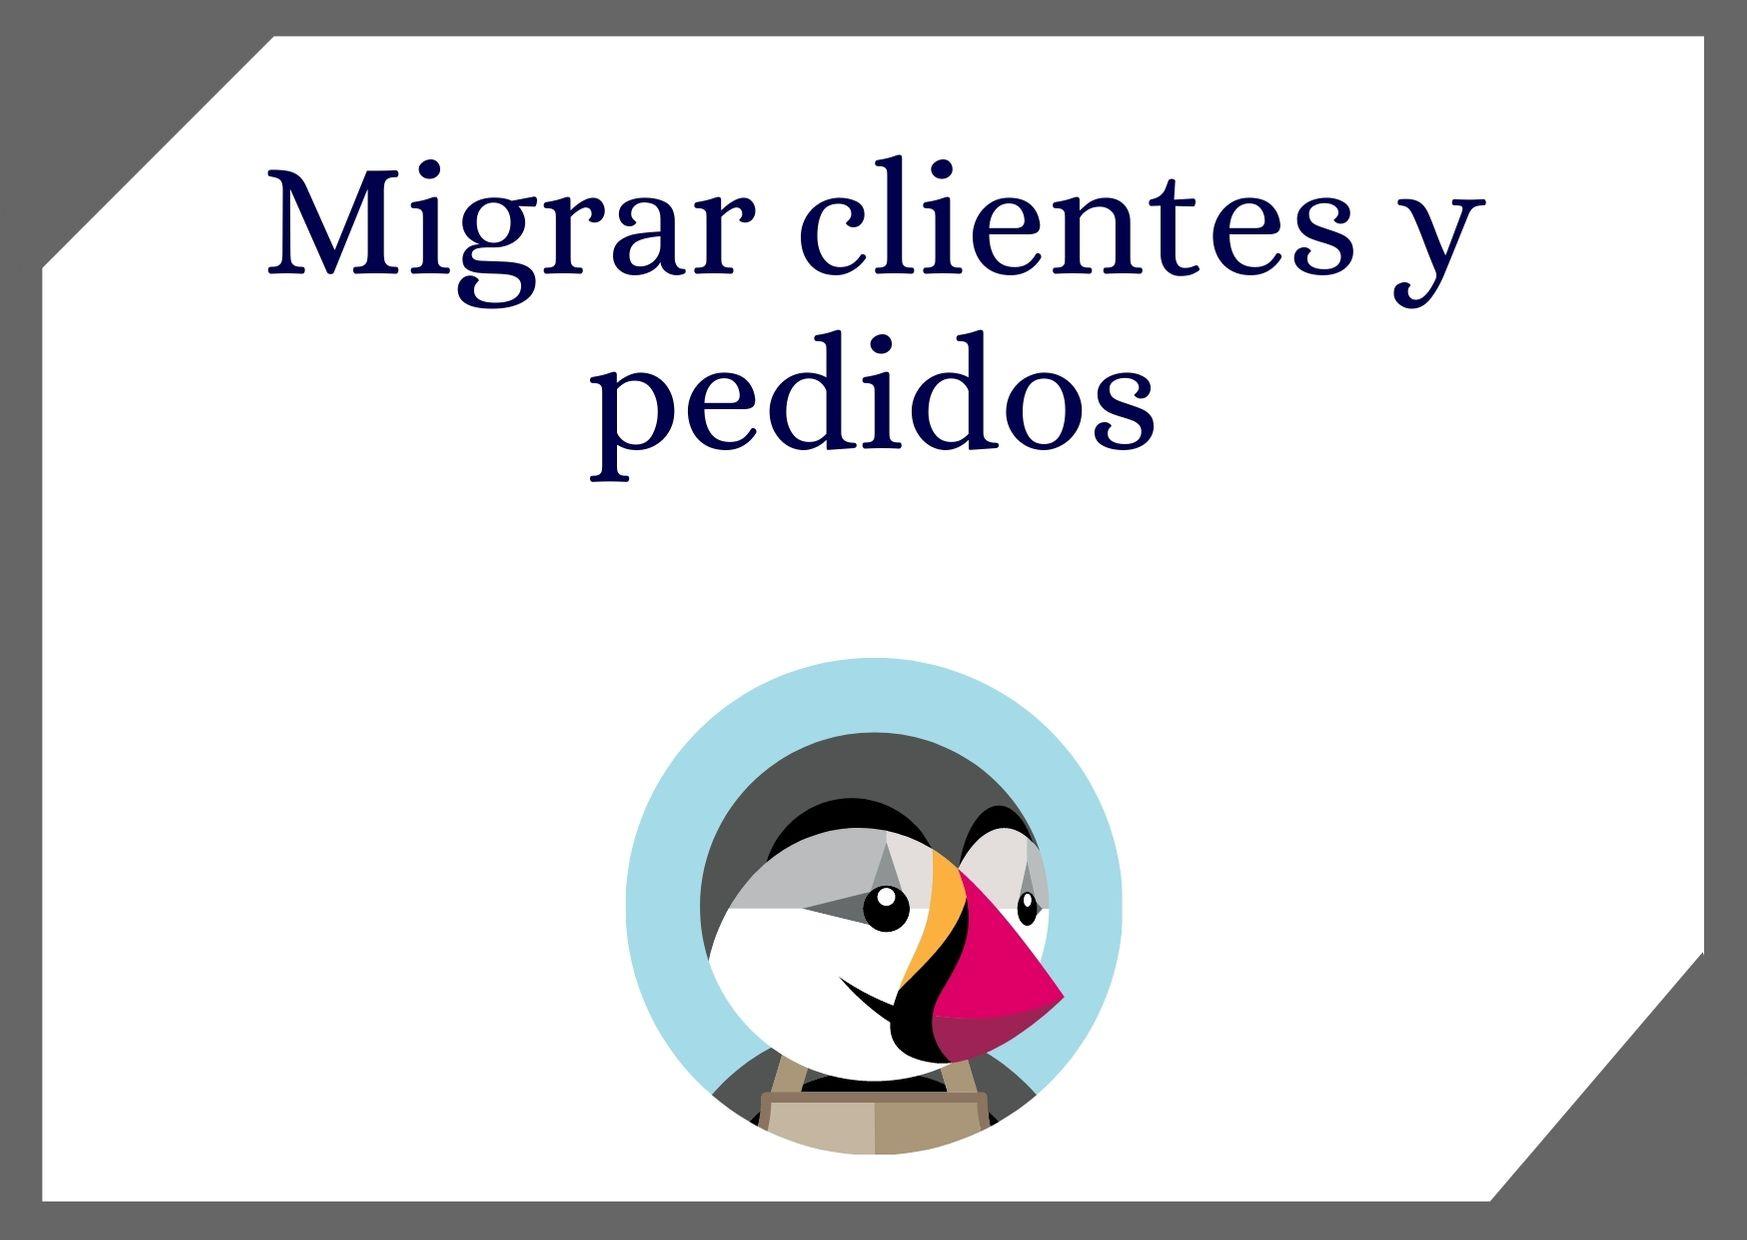 Migrar clientes y pedidos